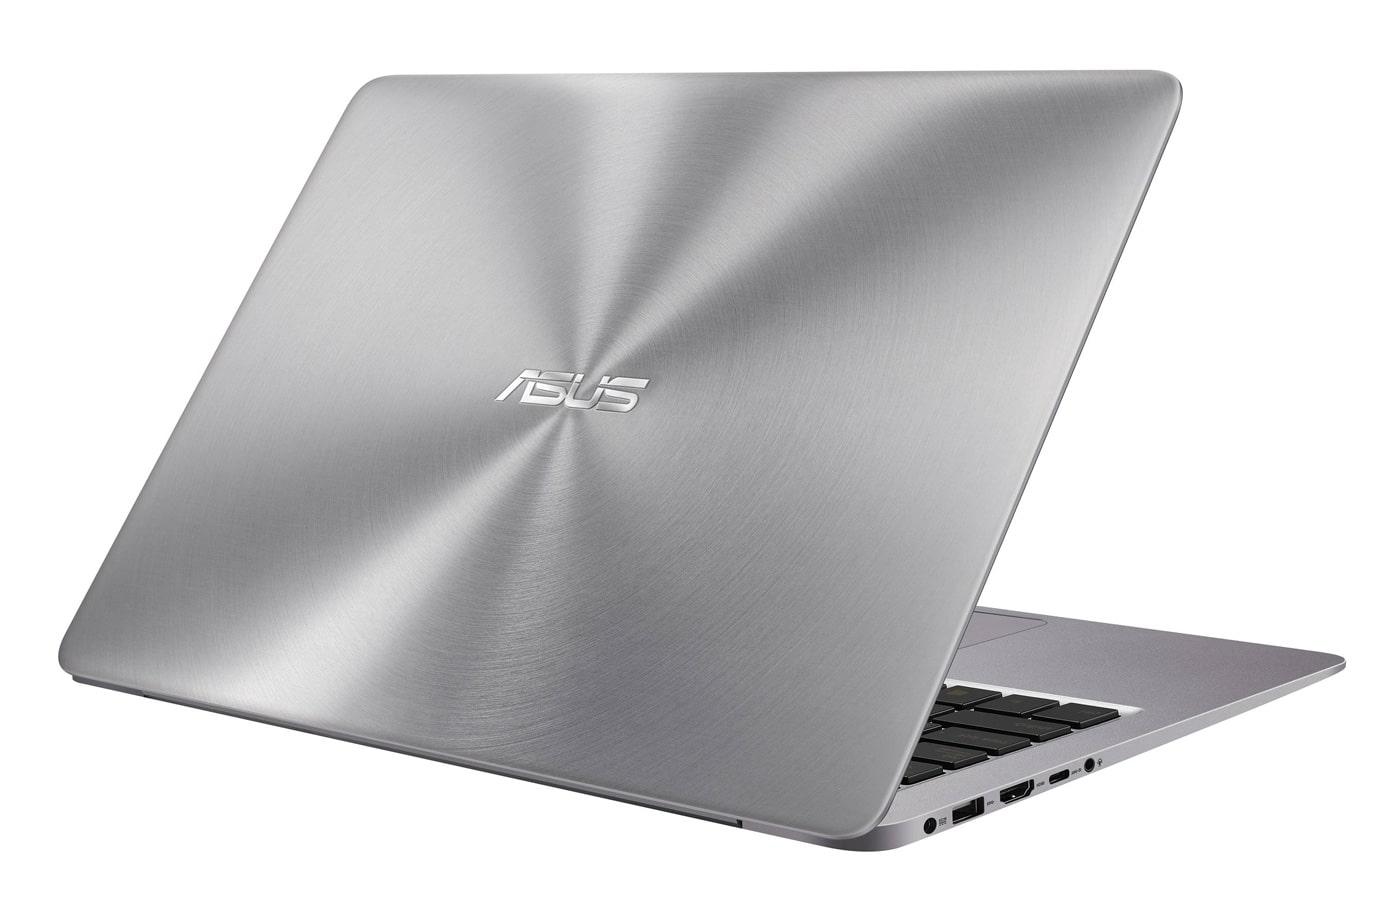 ASUS Zenbook Pro UX310UA-GL100R, ultrabook 13 pouces léger FHD IPS à 759€